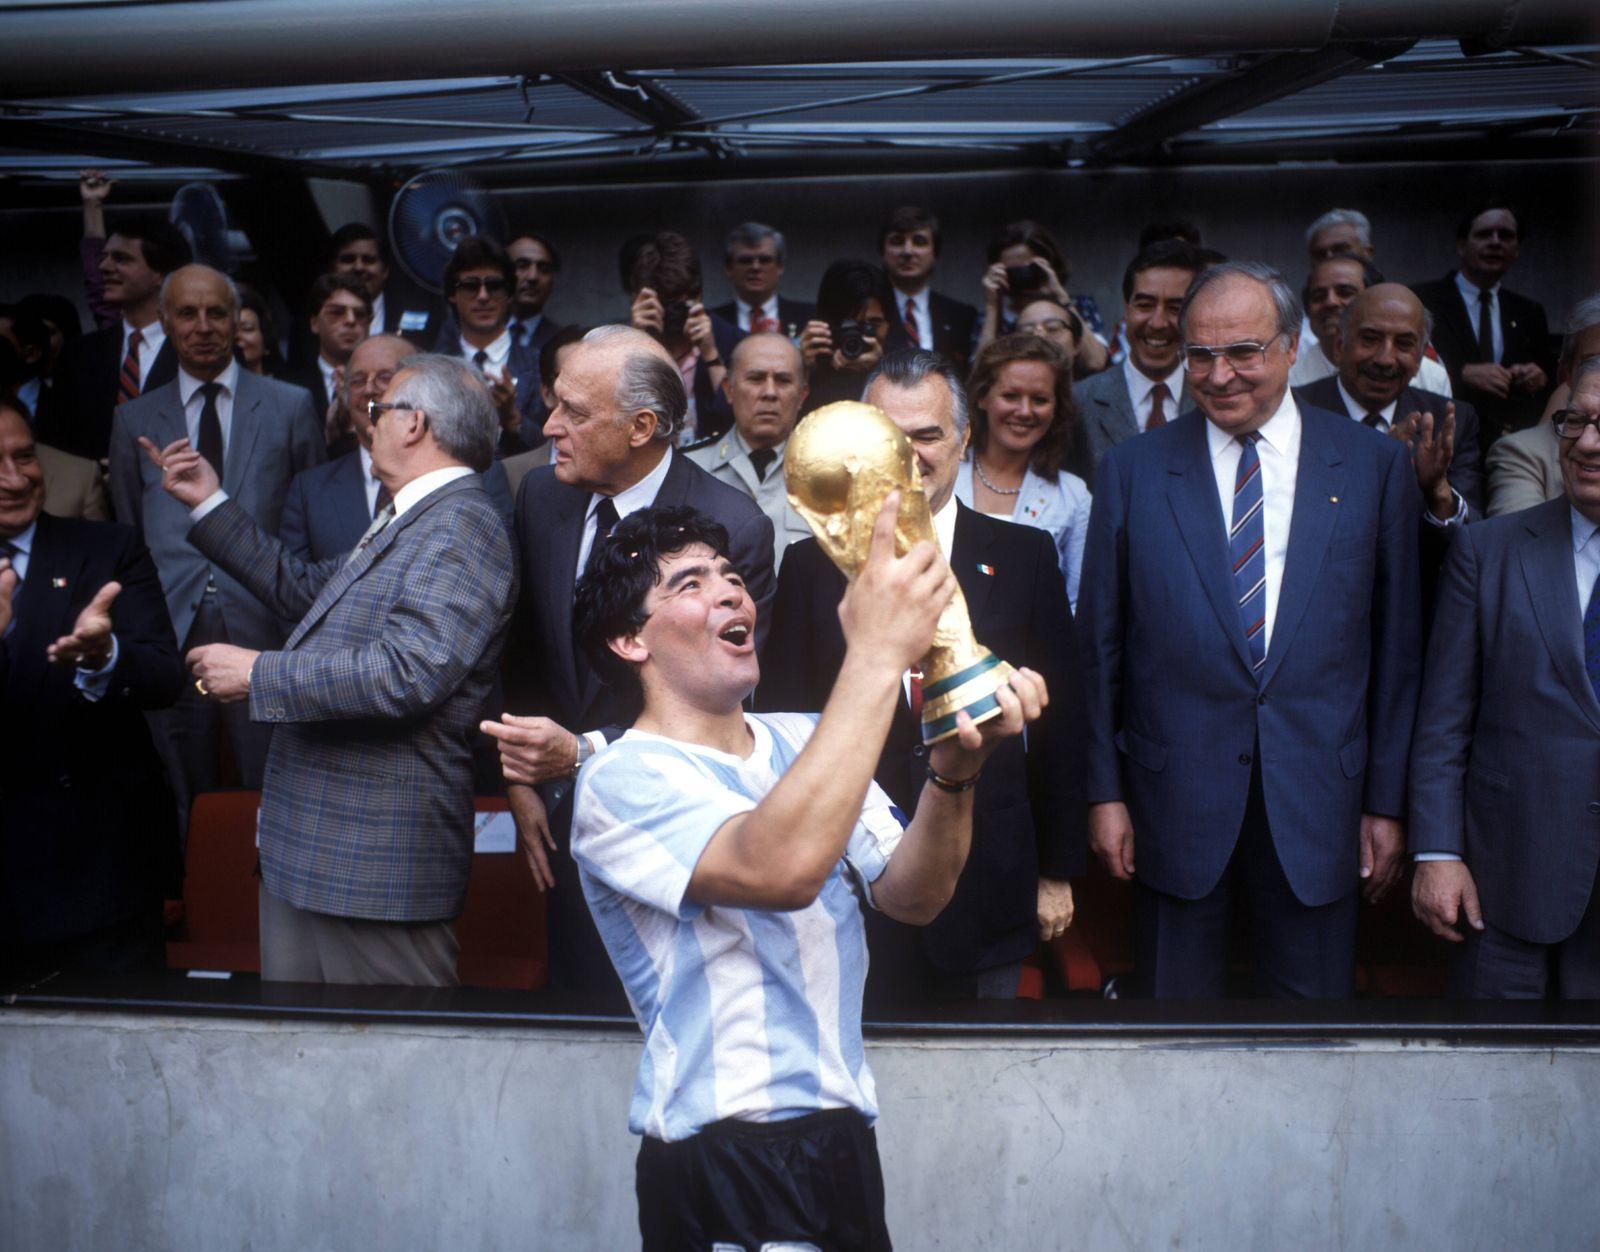 Argentinien ist Weltmeister 1986 Diego Armando Maradona präsentiert voller stolz den Weltpokal da